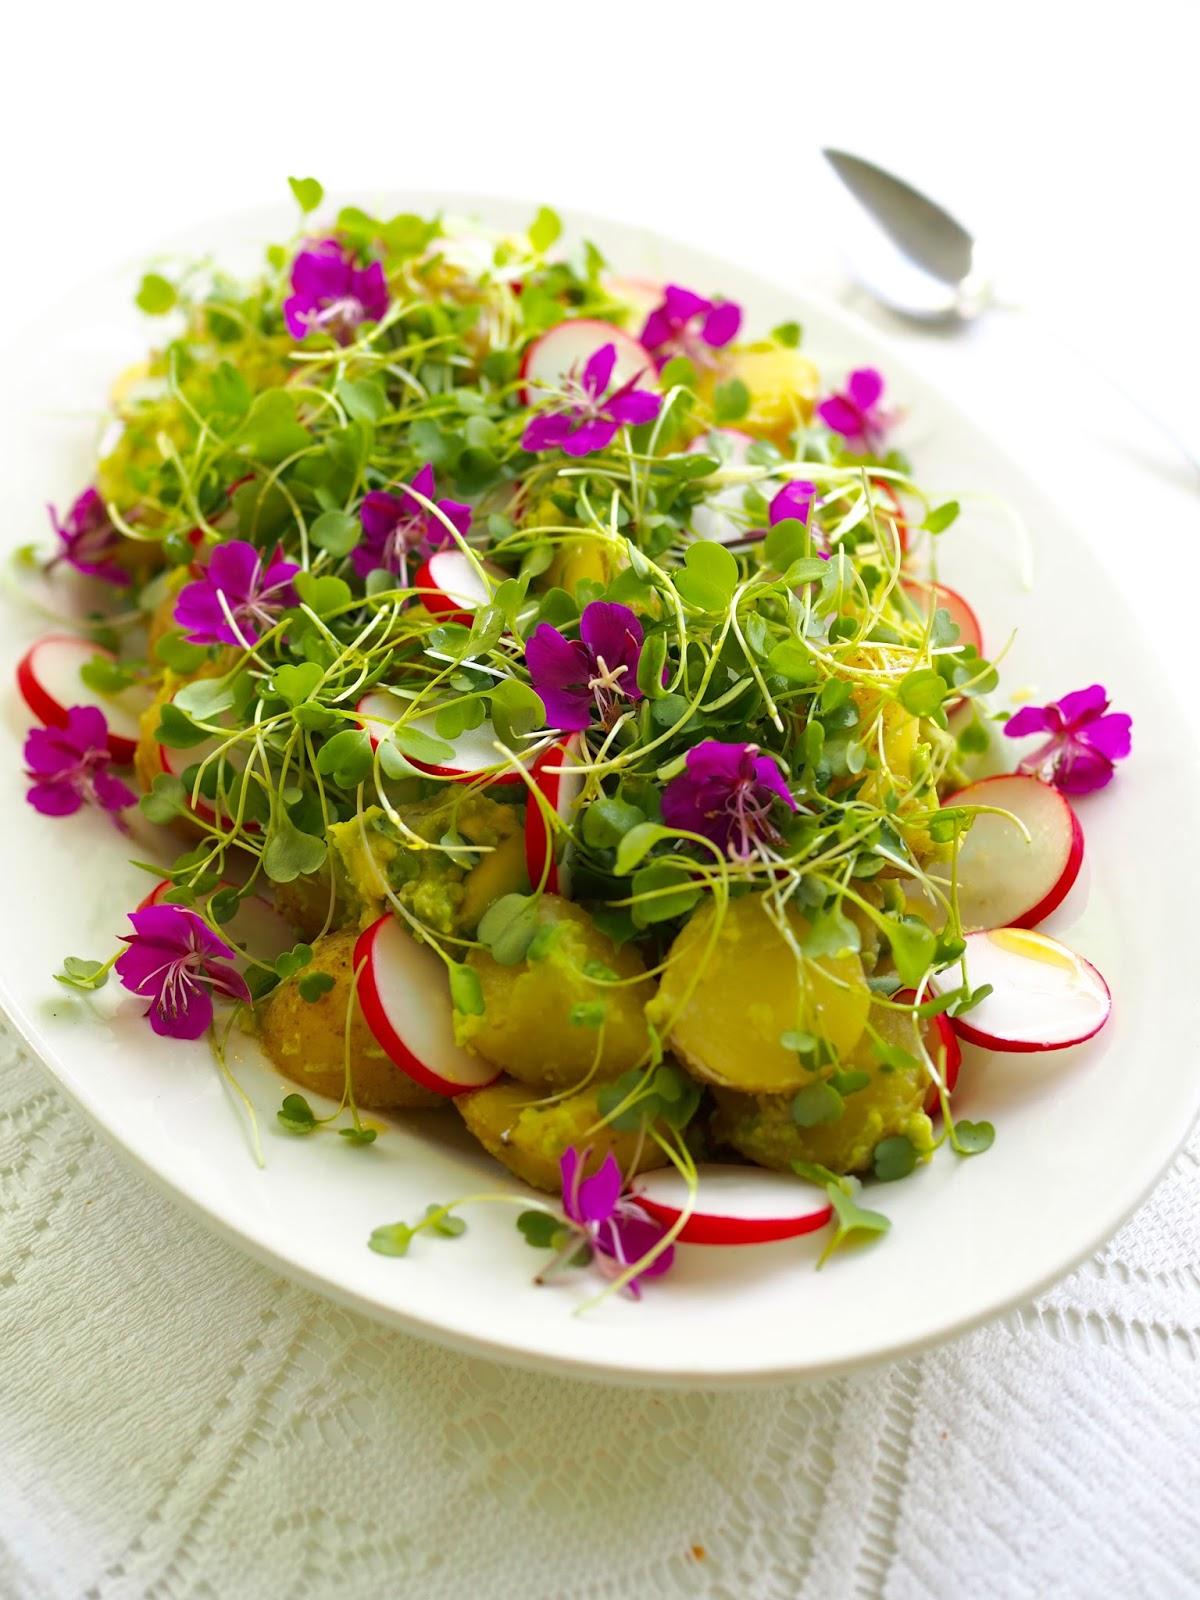 Kukkasalaatti, avokado-perunasalaatti, syötävät kukat, maitohorsmankukat, villiyrtit, villivihannekset